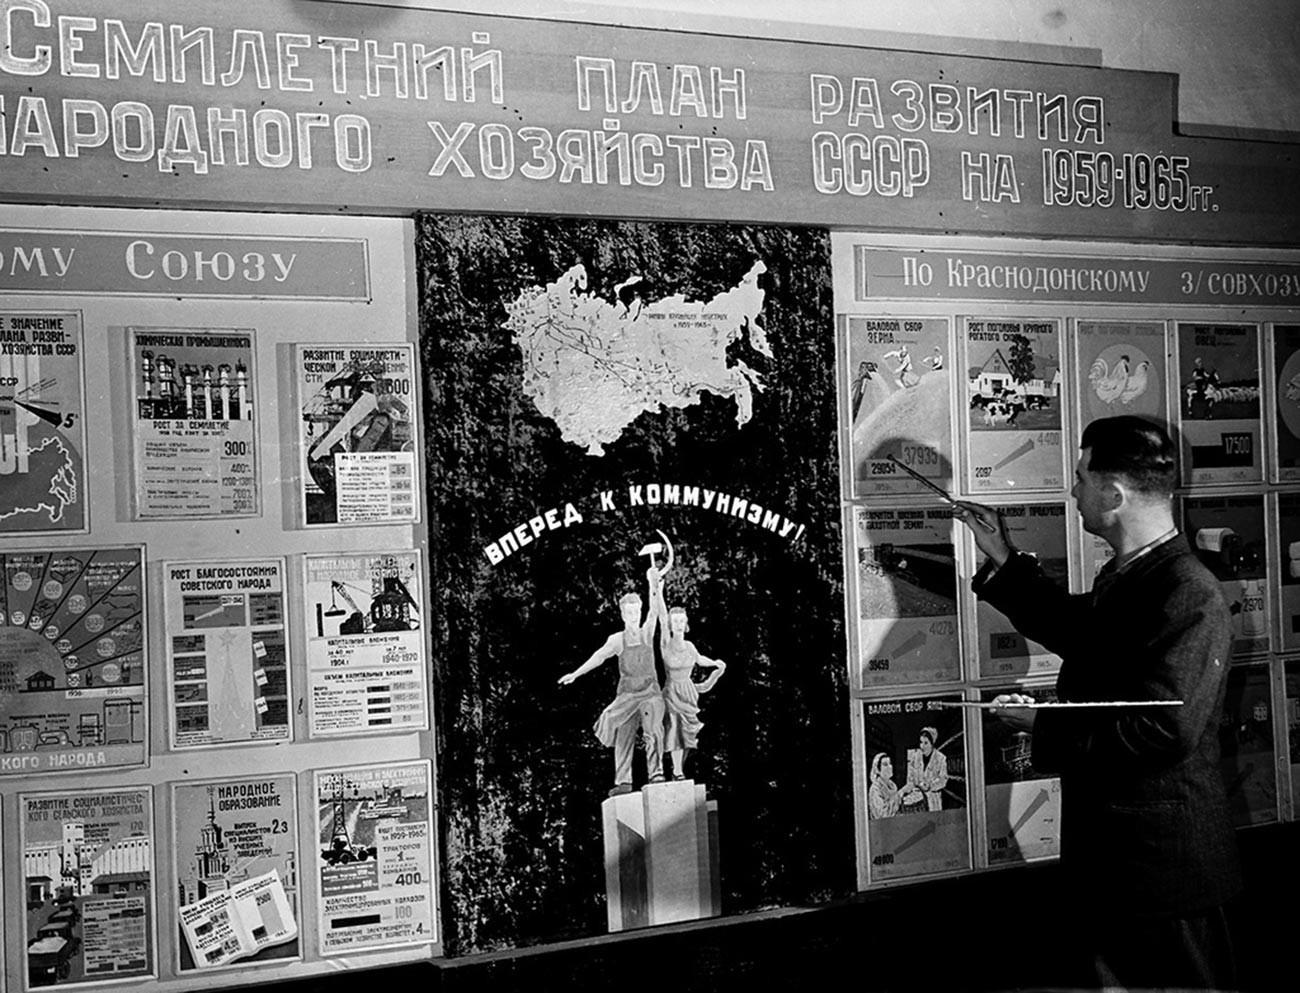 В зале Дома культуры совхоза «Краснодонский» помощник комбайнера Федор Фролов у семилетнего плана развития сельского хозяйства, 1959, Казахстан.